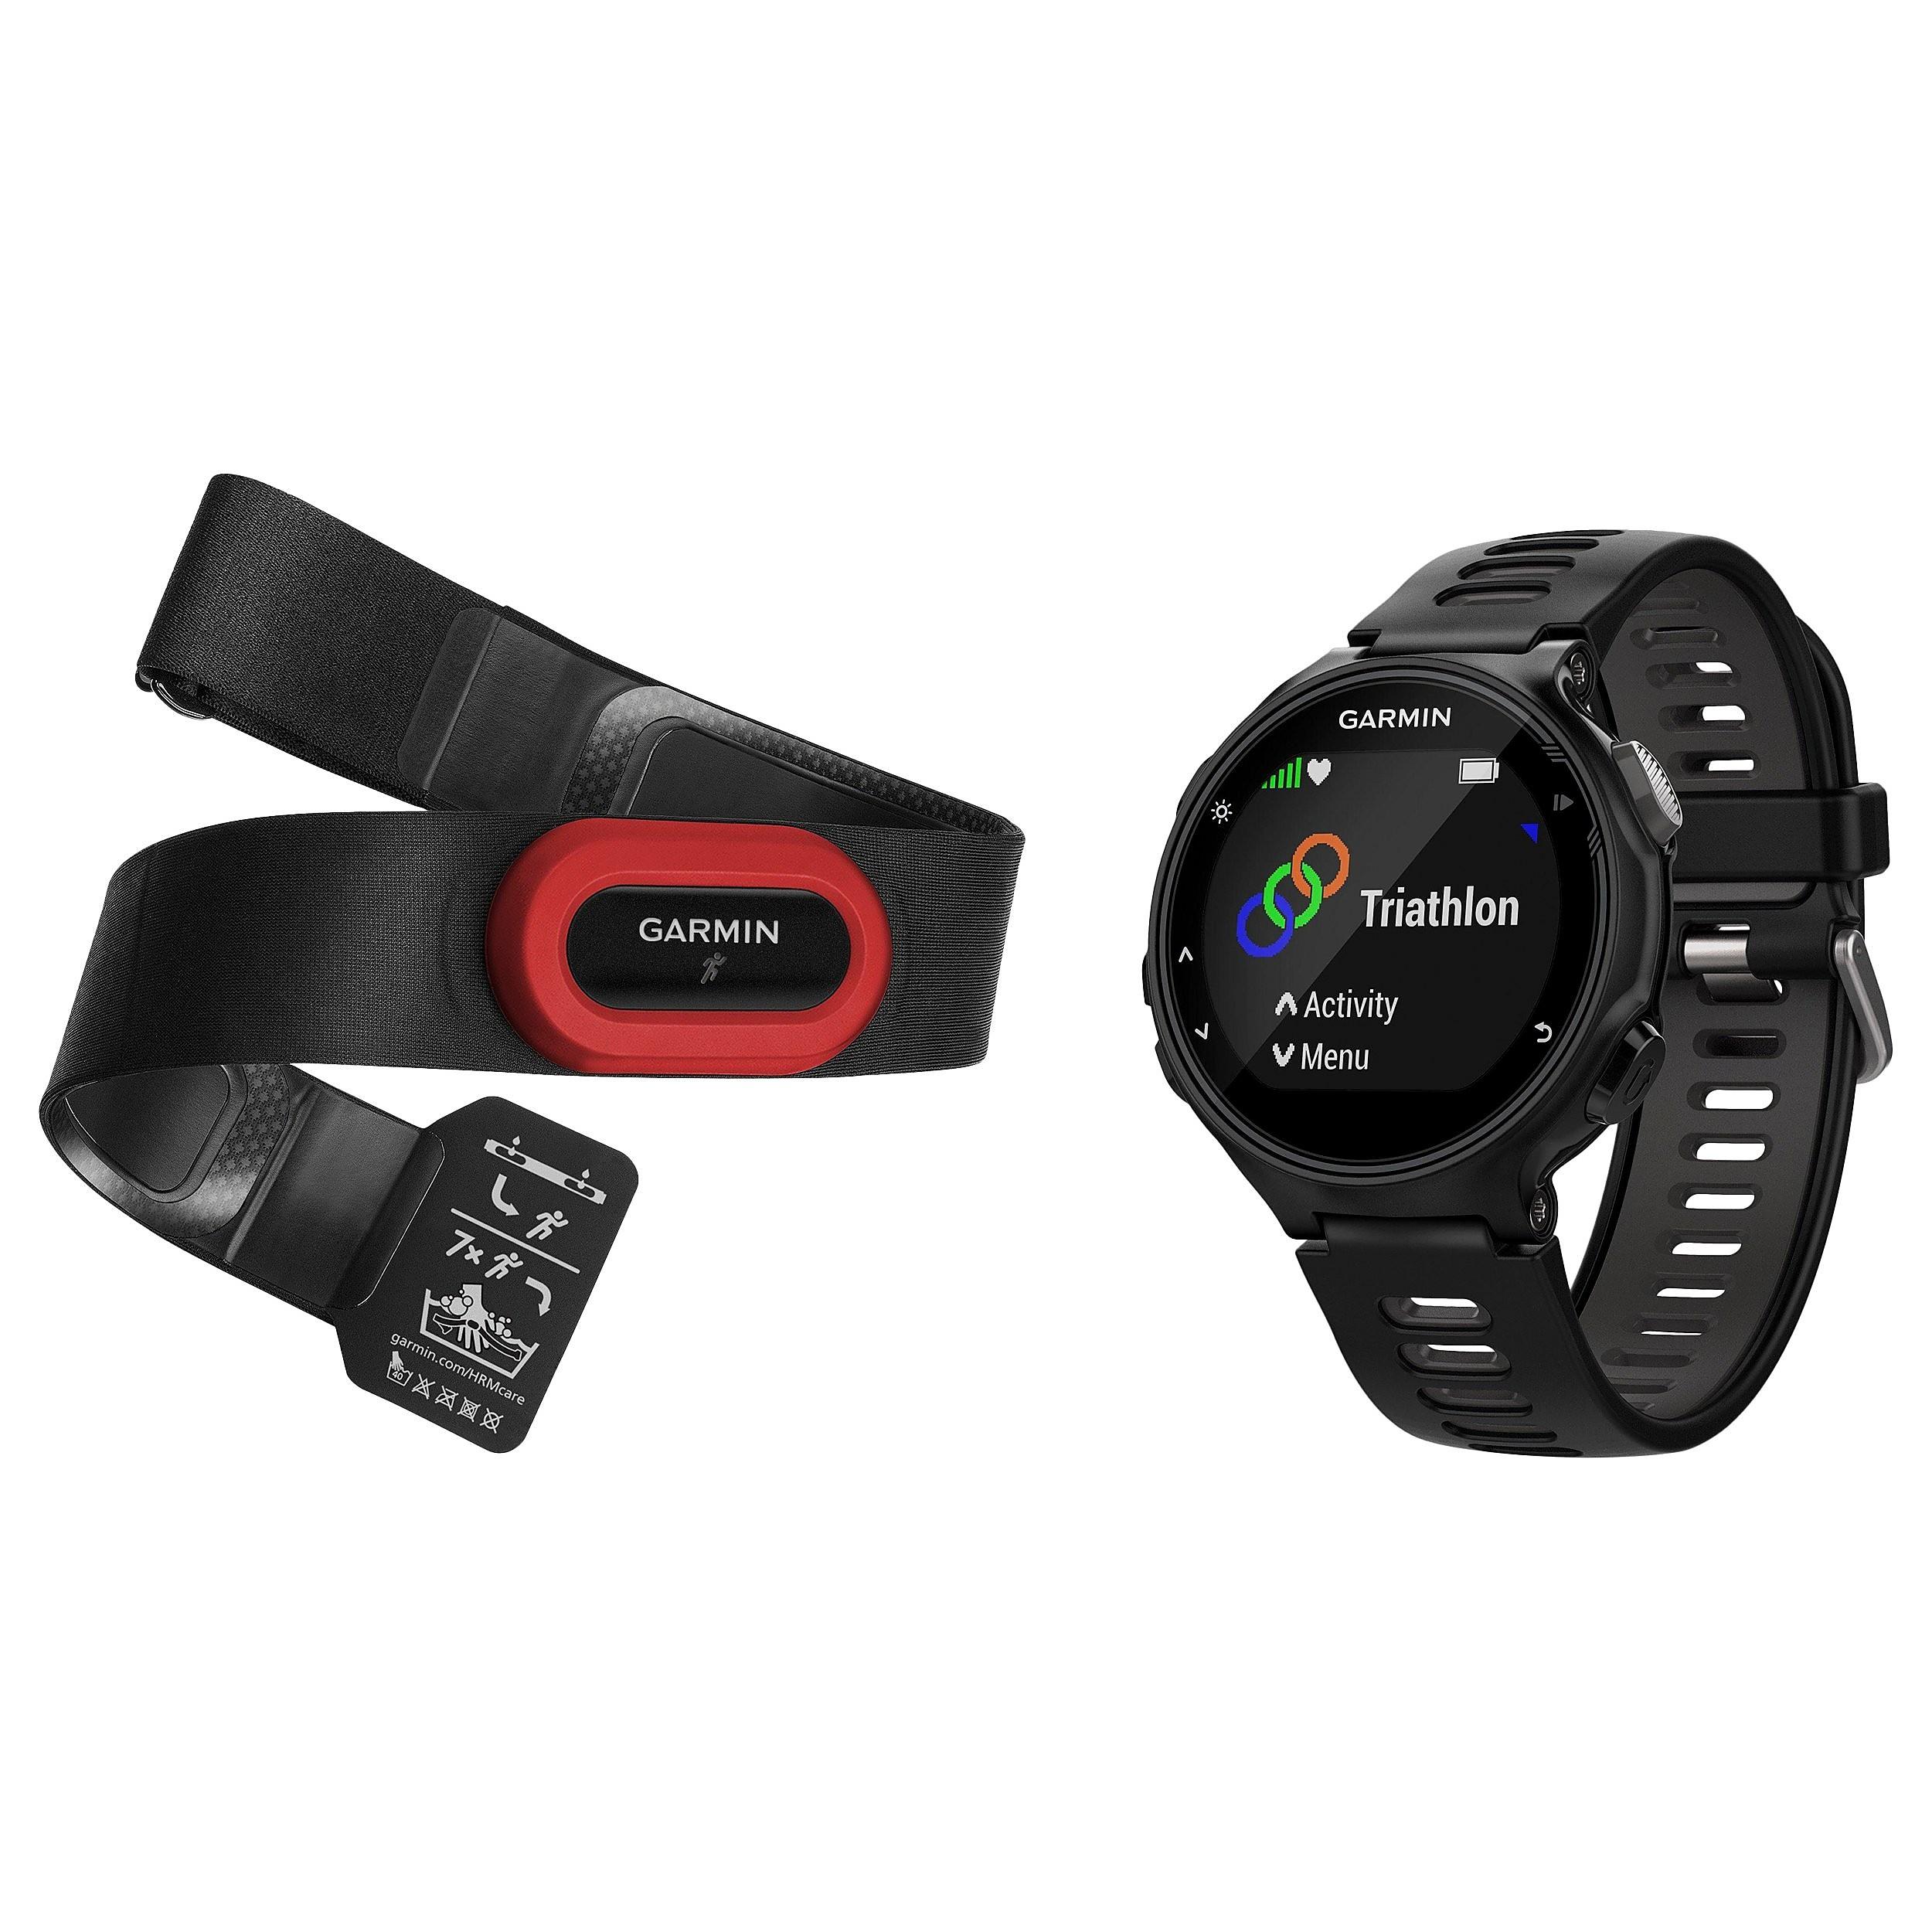 Garmin Forerunner 735XT GPS Running Multi-Sport Watch Run Bundle